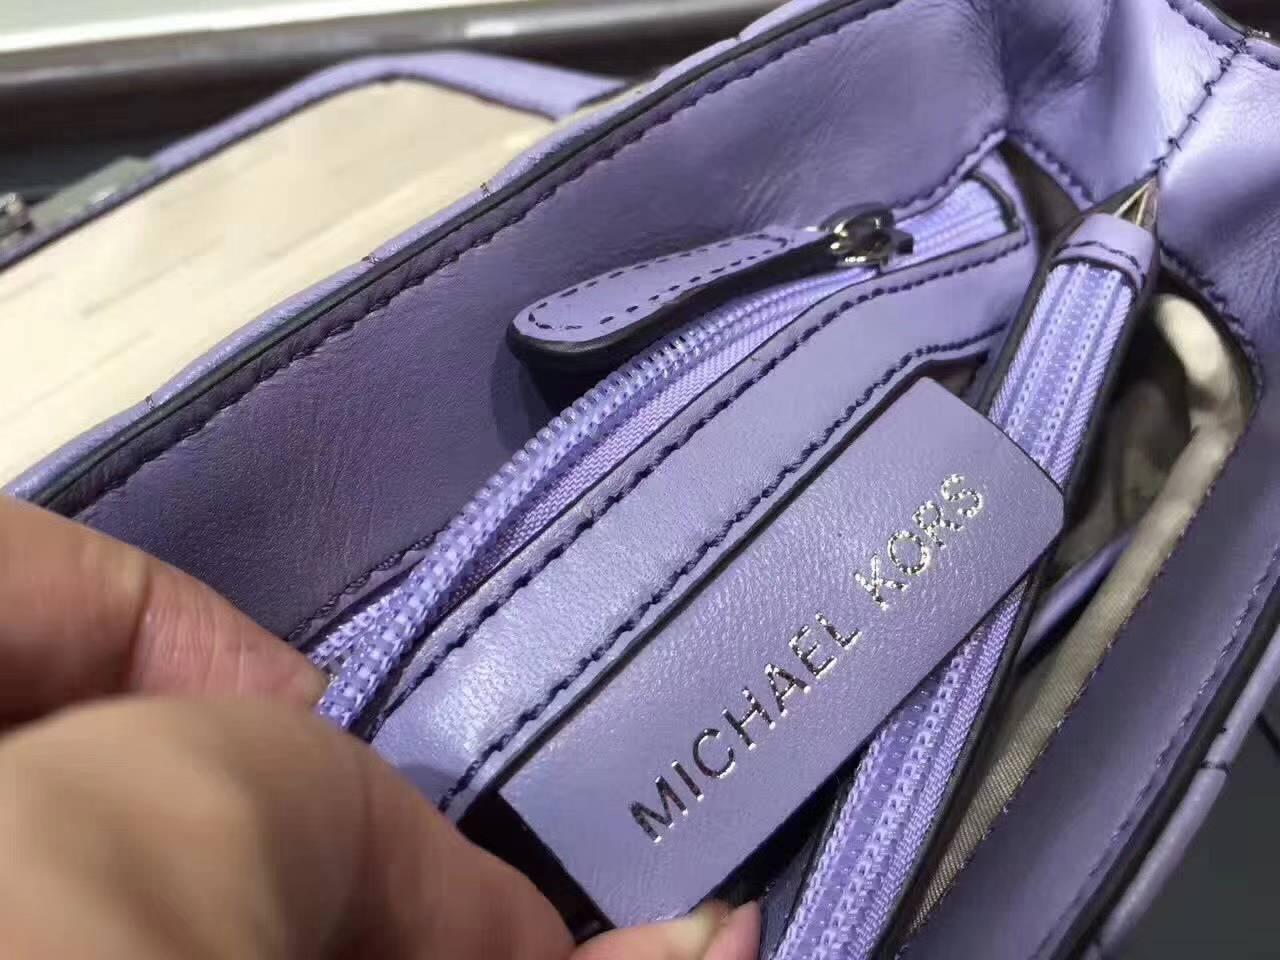 MK迈克科尔斯秋冬新款女包 紫色三角纹羊皮链条单肩包小号21CM